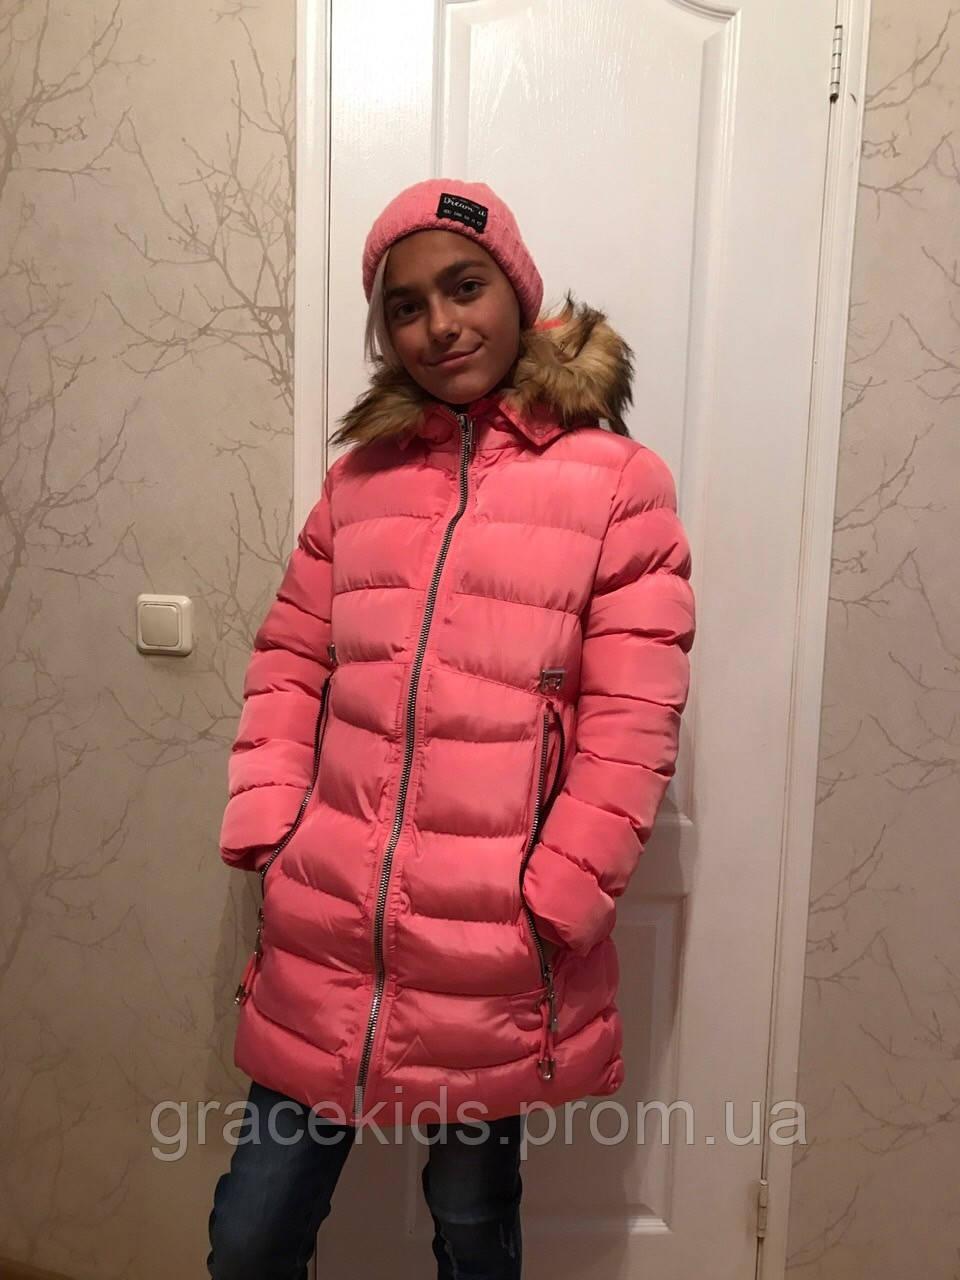 ae3c4b8a75eb Зимние куртки для девочек подростковые GRACE - Glo-story.детская одежда  оптом из Венгрии